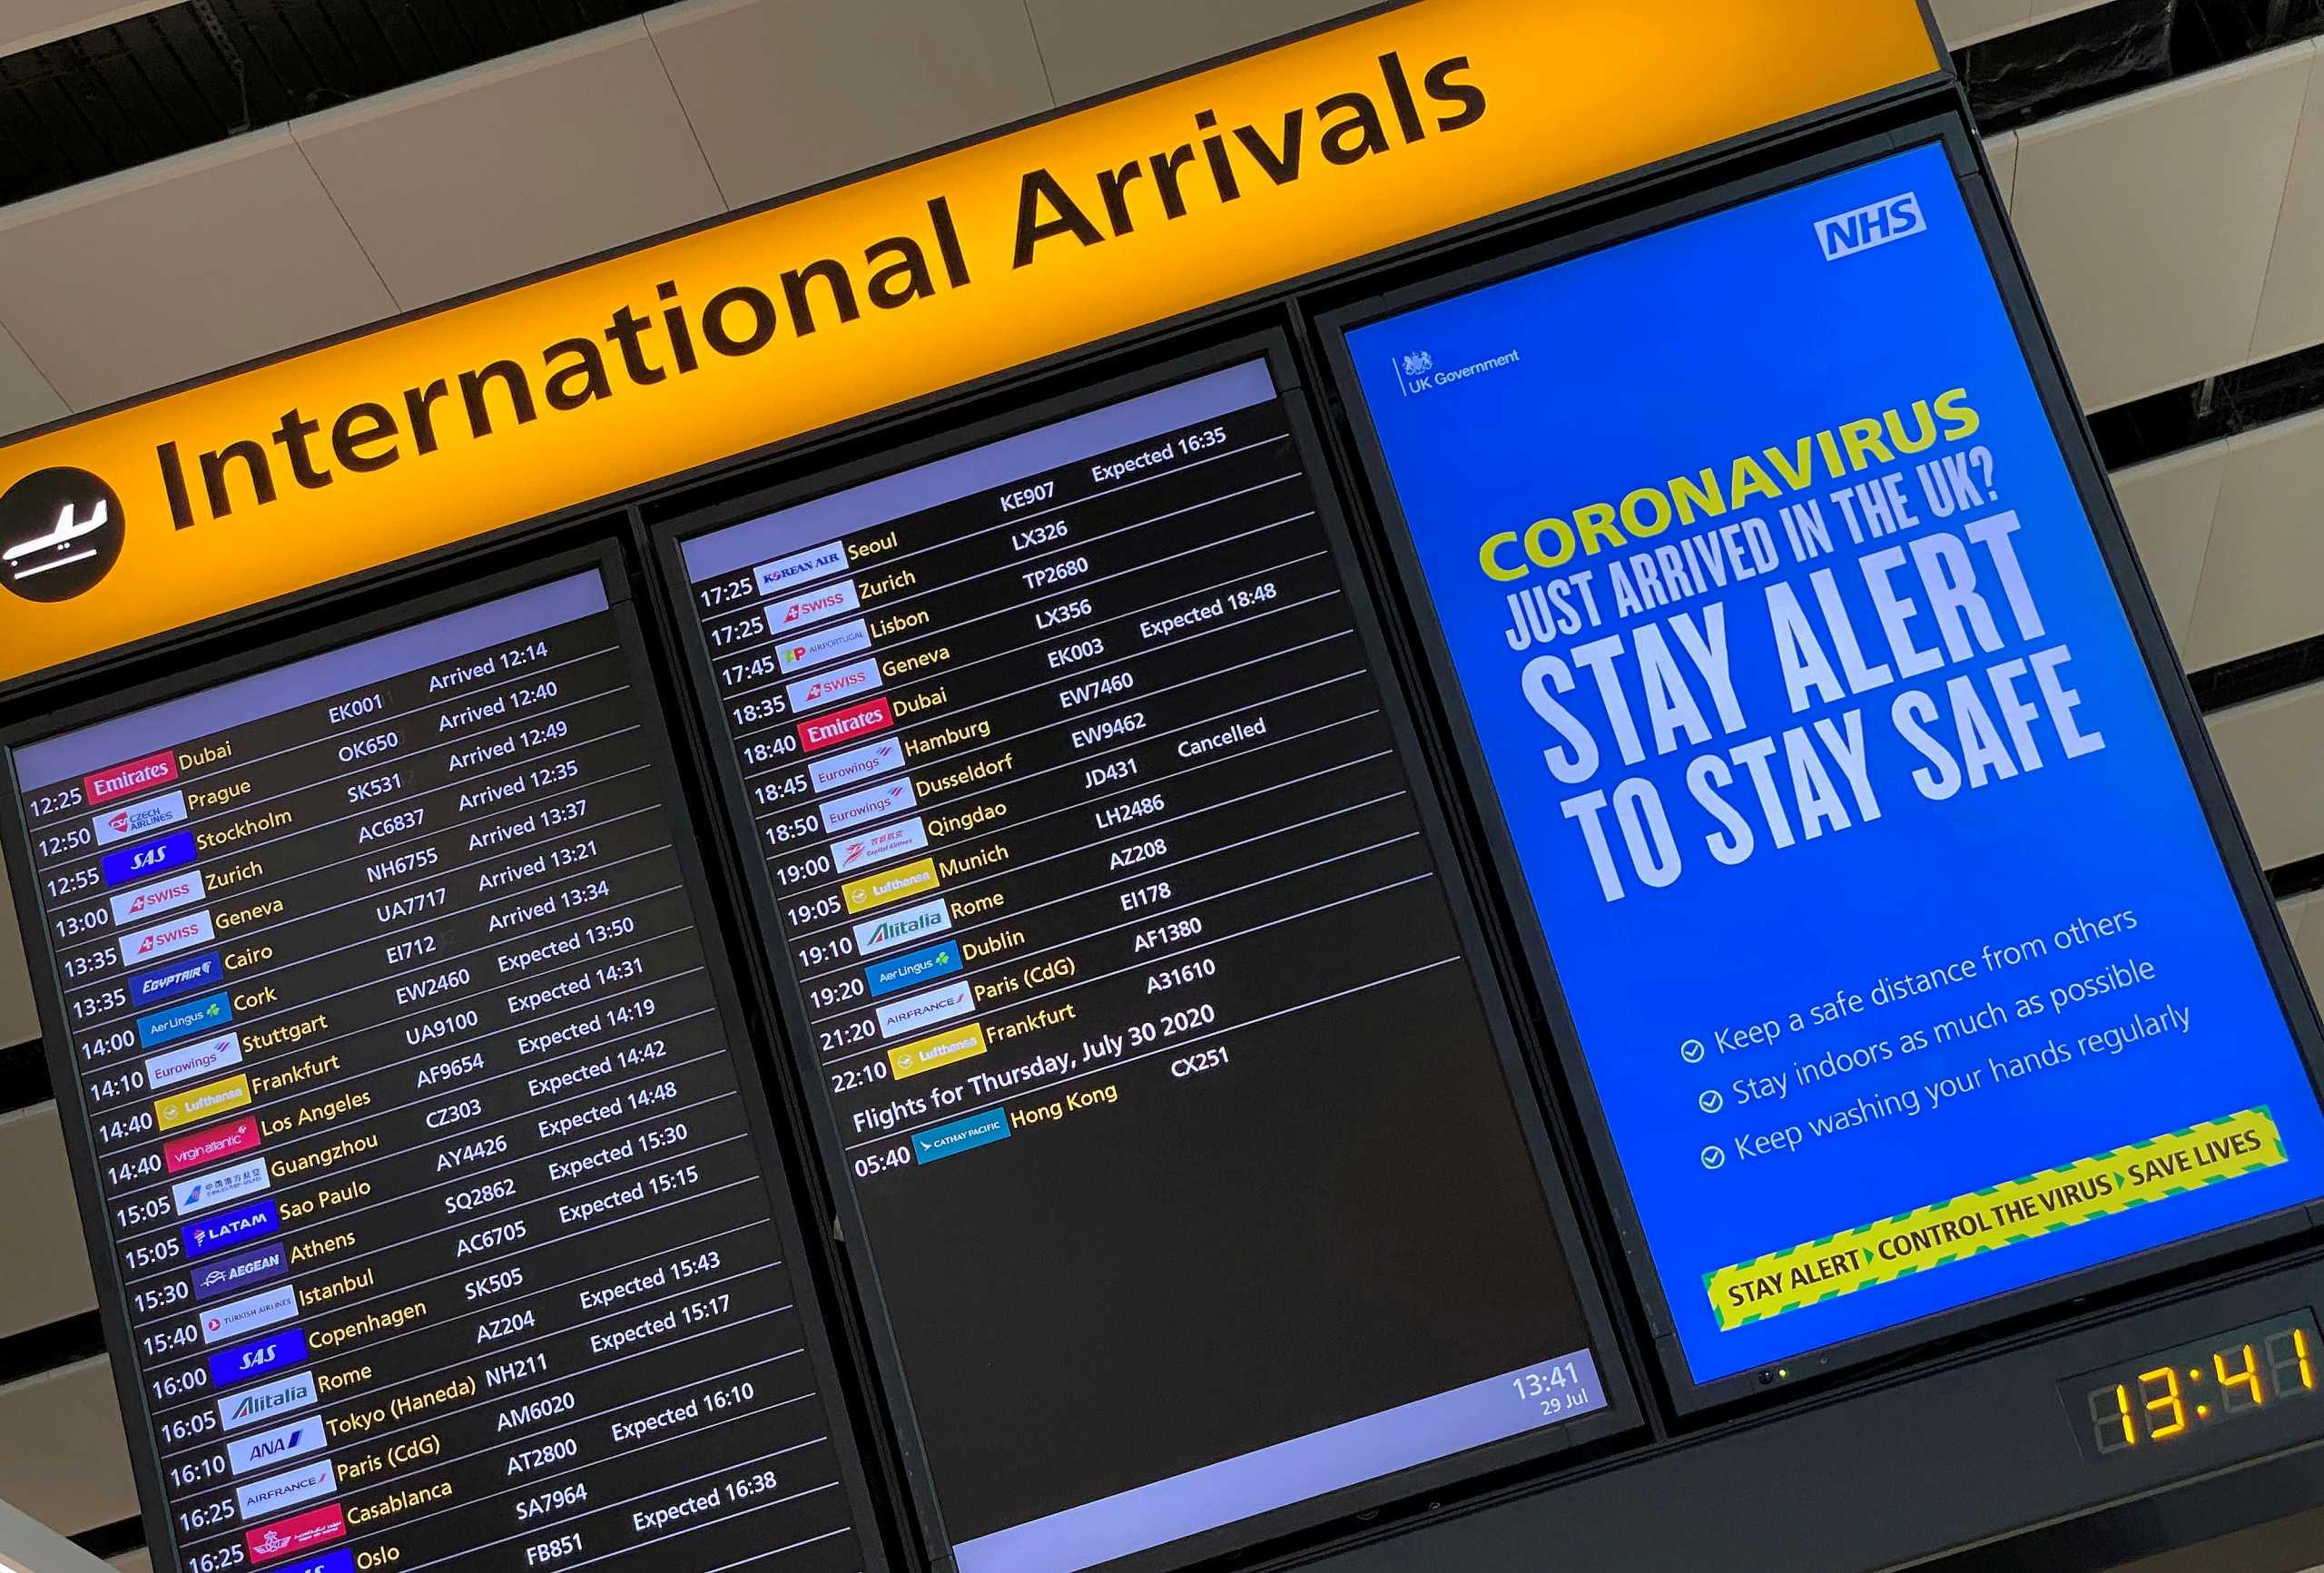 Βρετανική μελέτη «κατηγορεί» την Ελλάδα για τη διασπορά του κορονοϊού το περασμένο καλοκαίρι